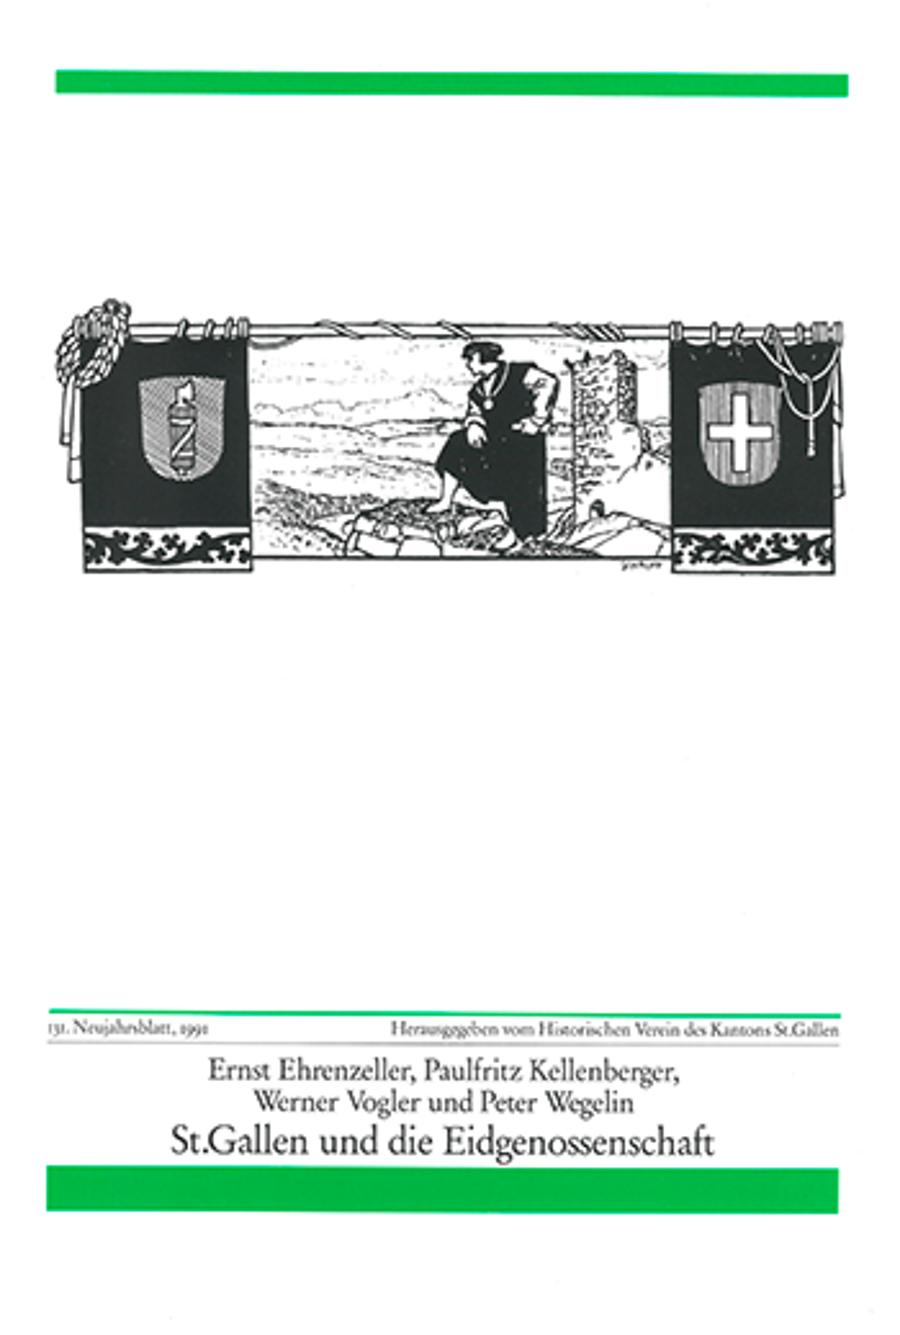 St. Gallen und die Eidgenossenschaft